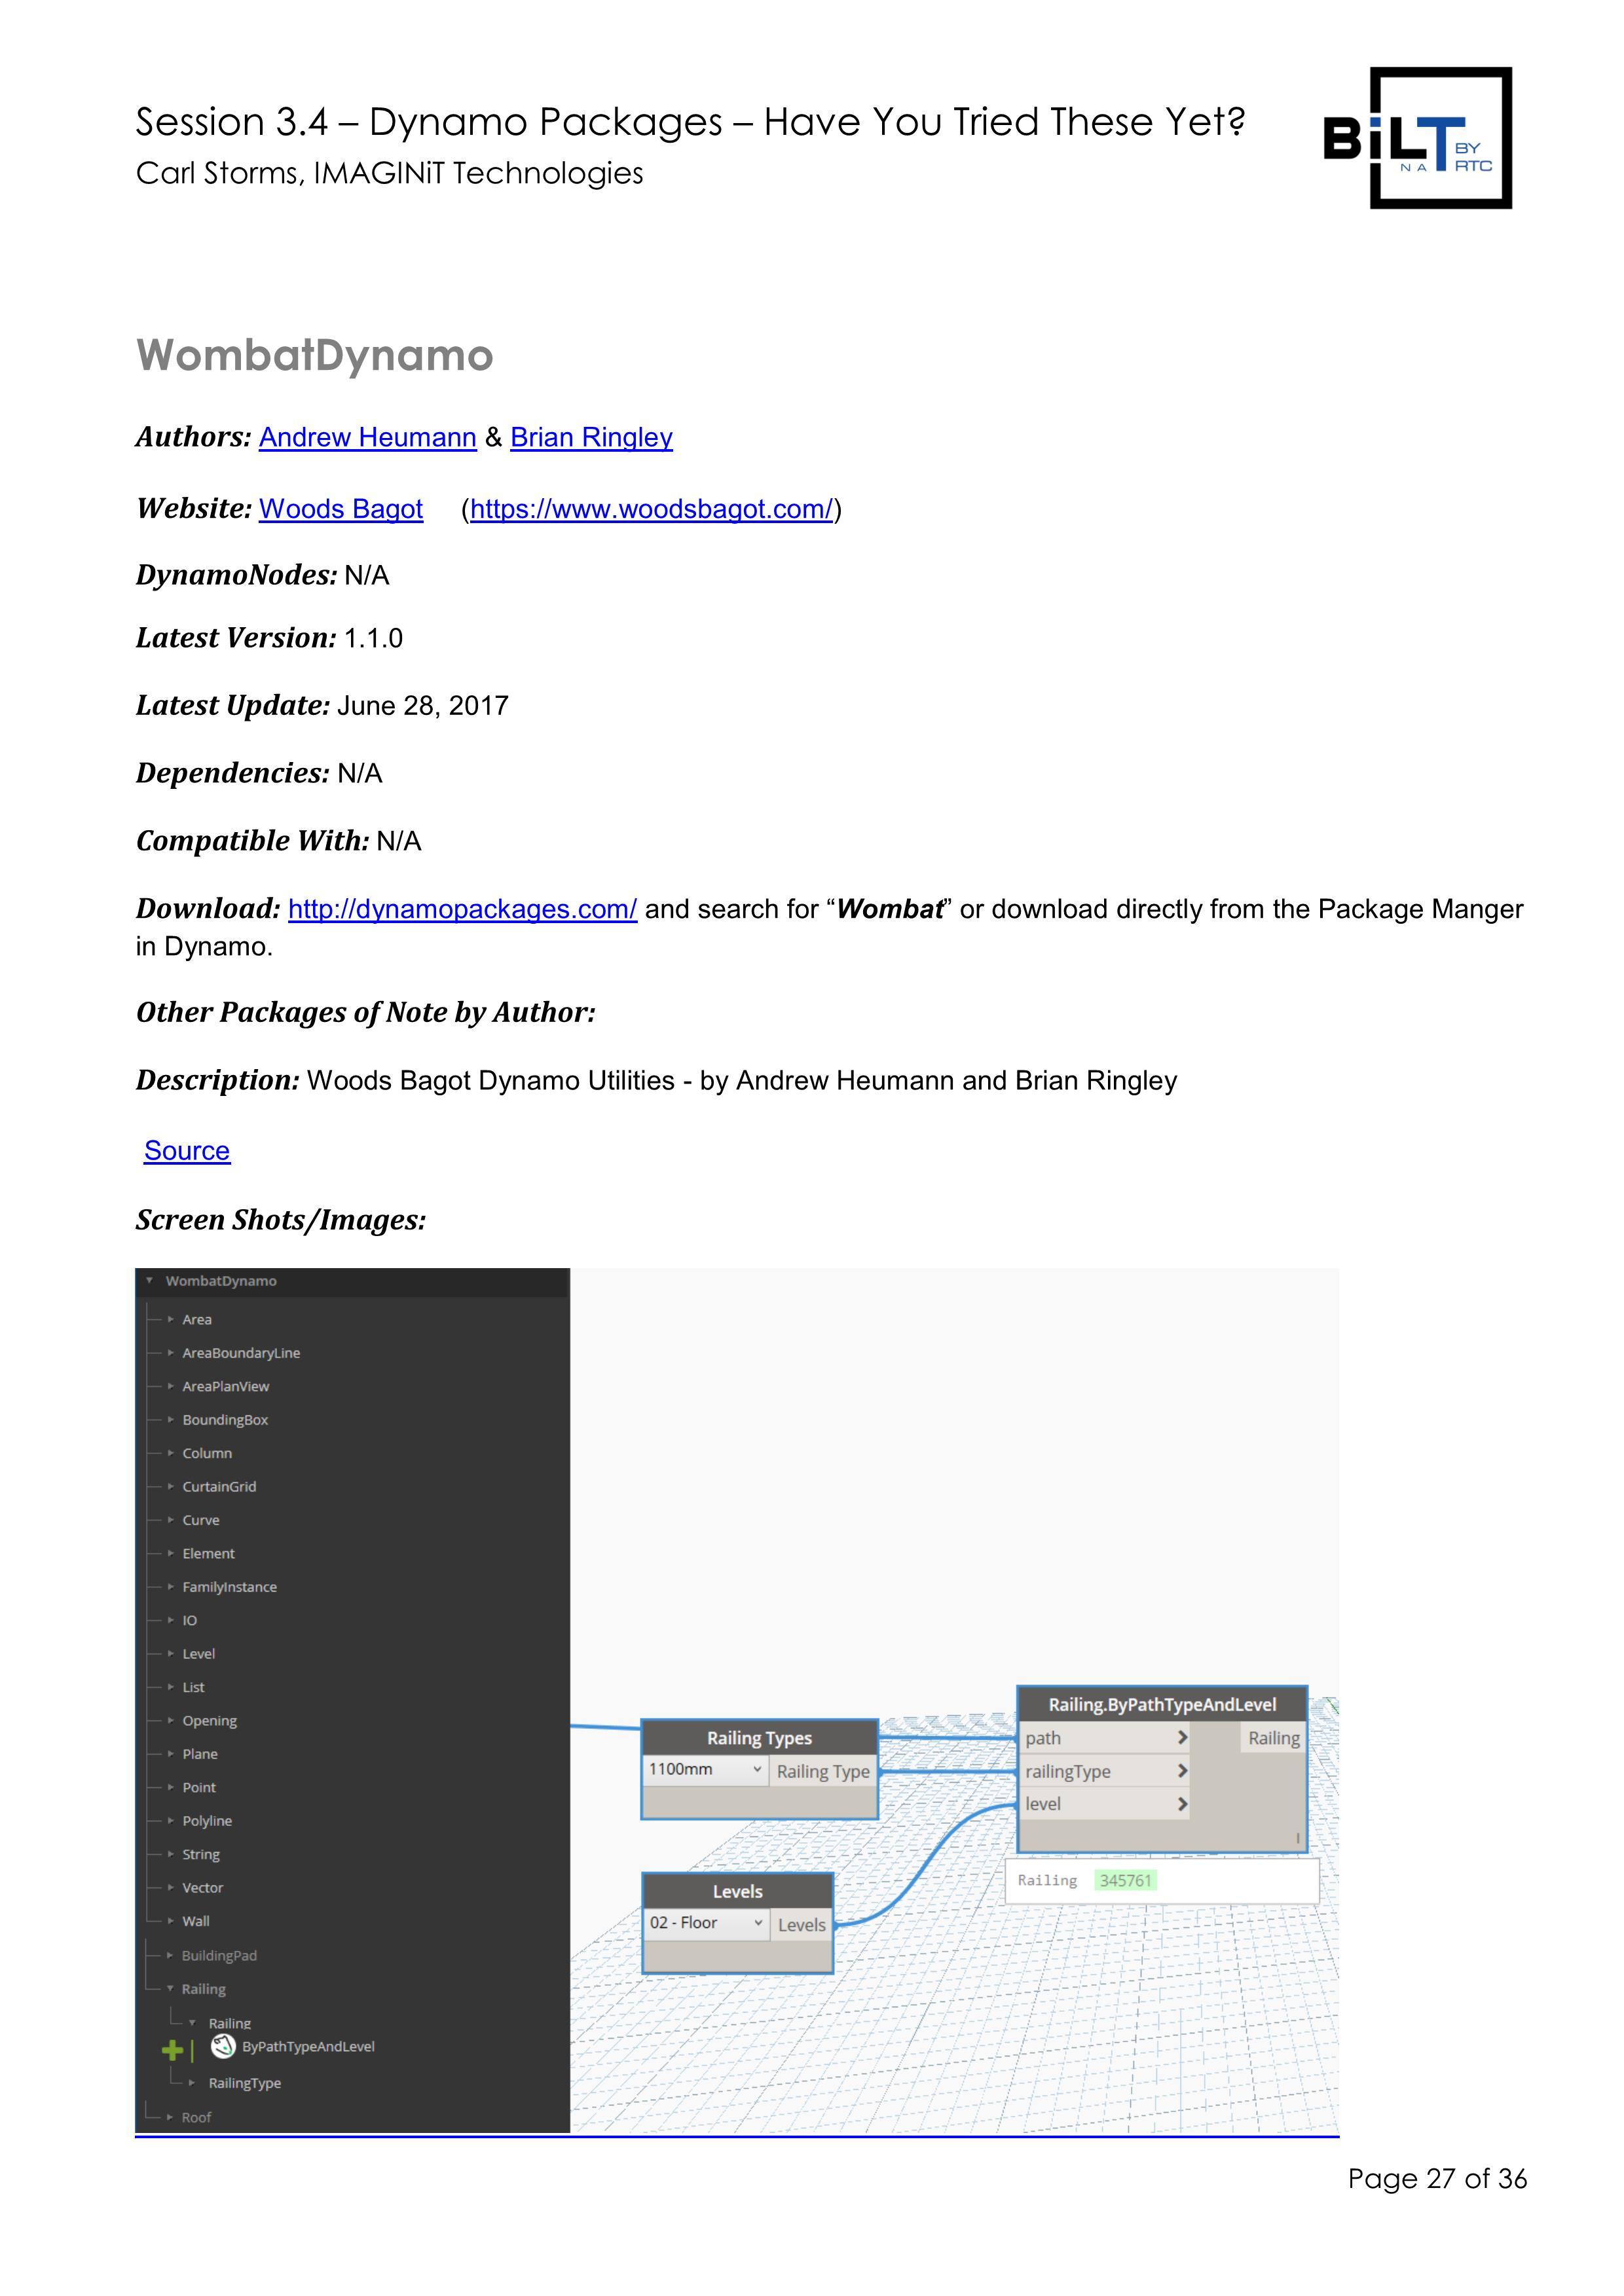 DynamoPackagesHaveYouTried Page 027.jpg